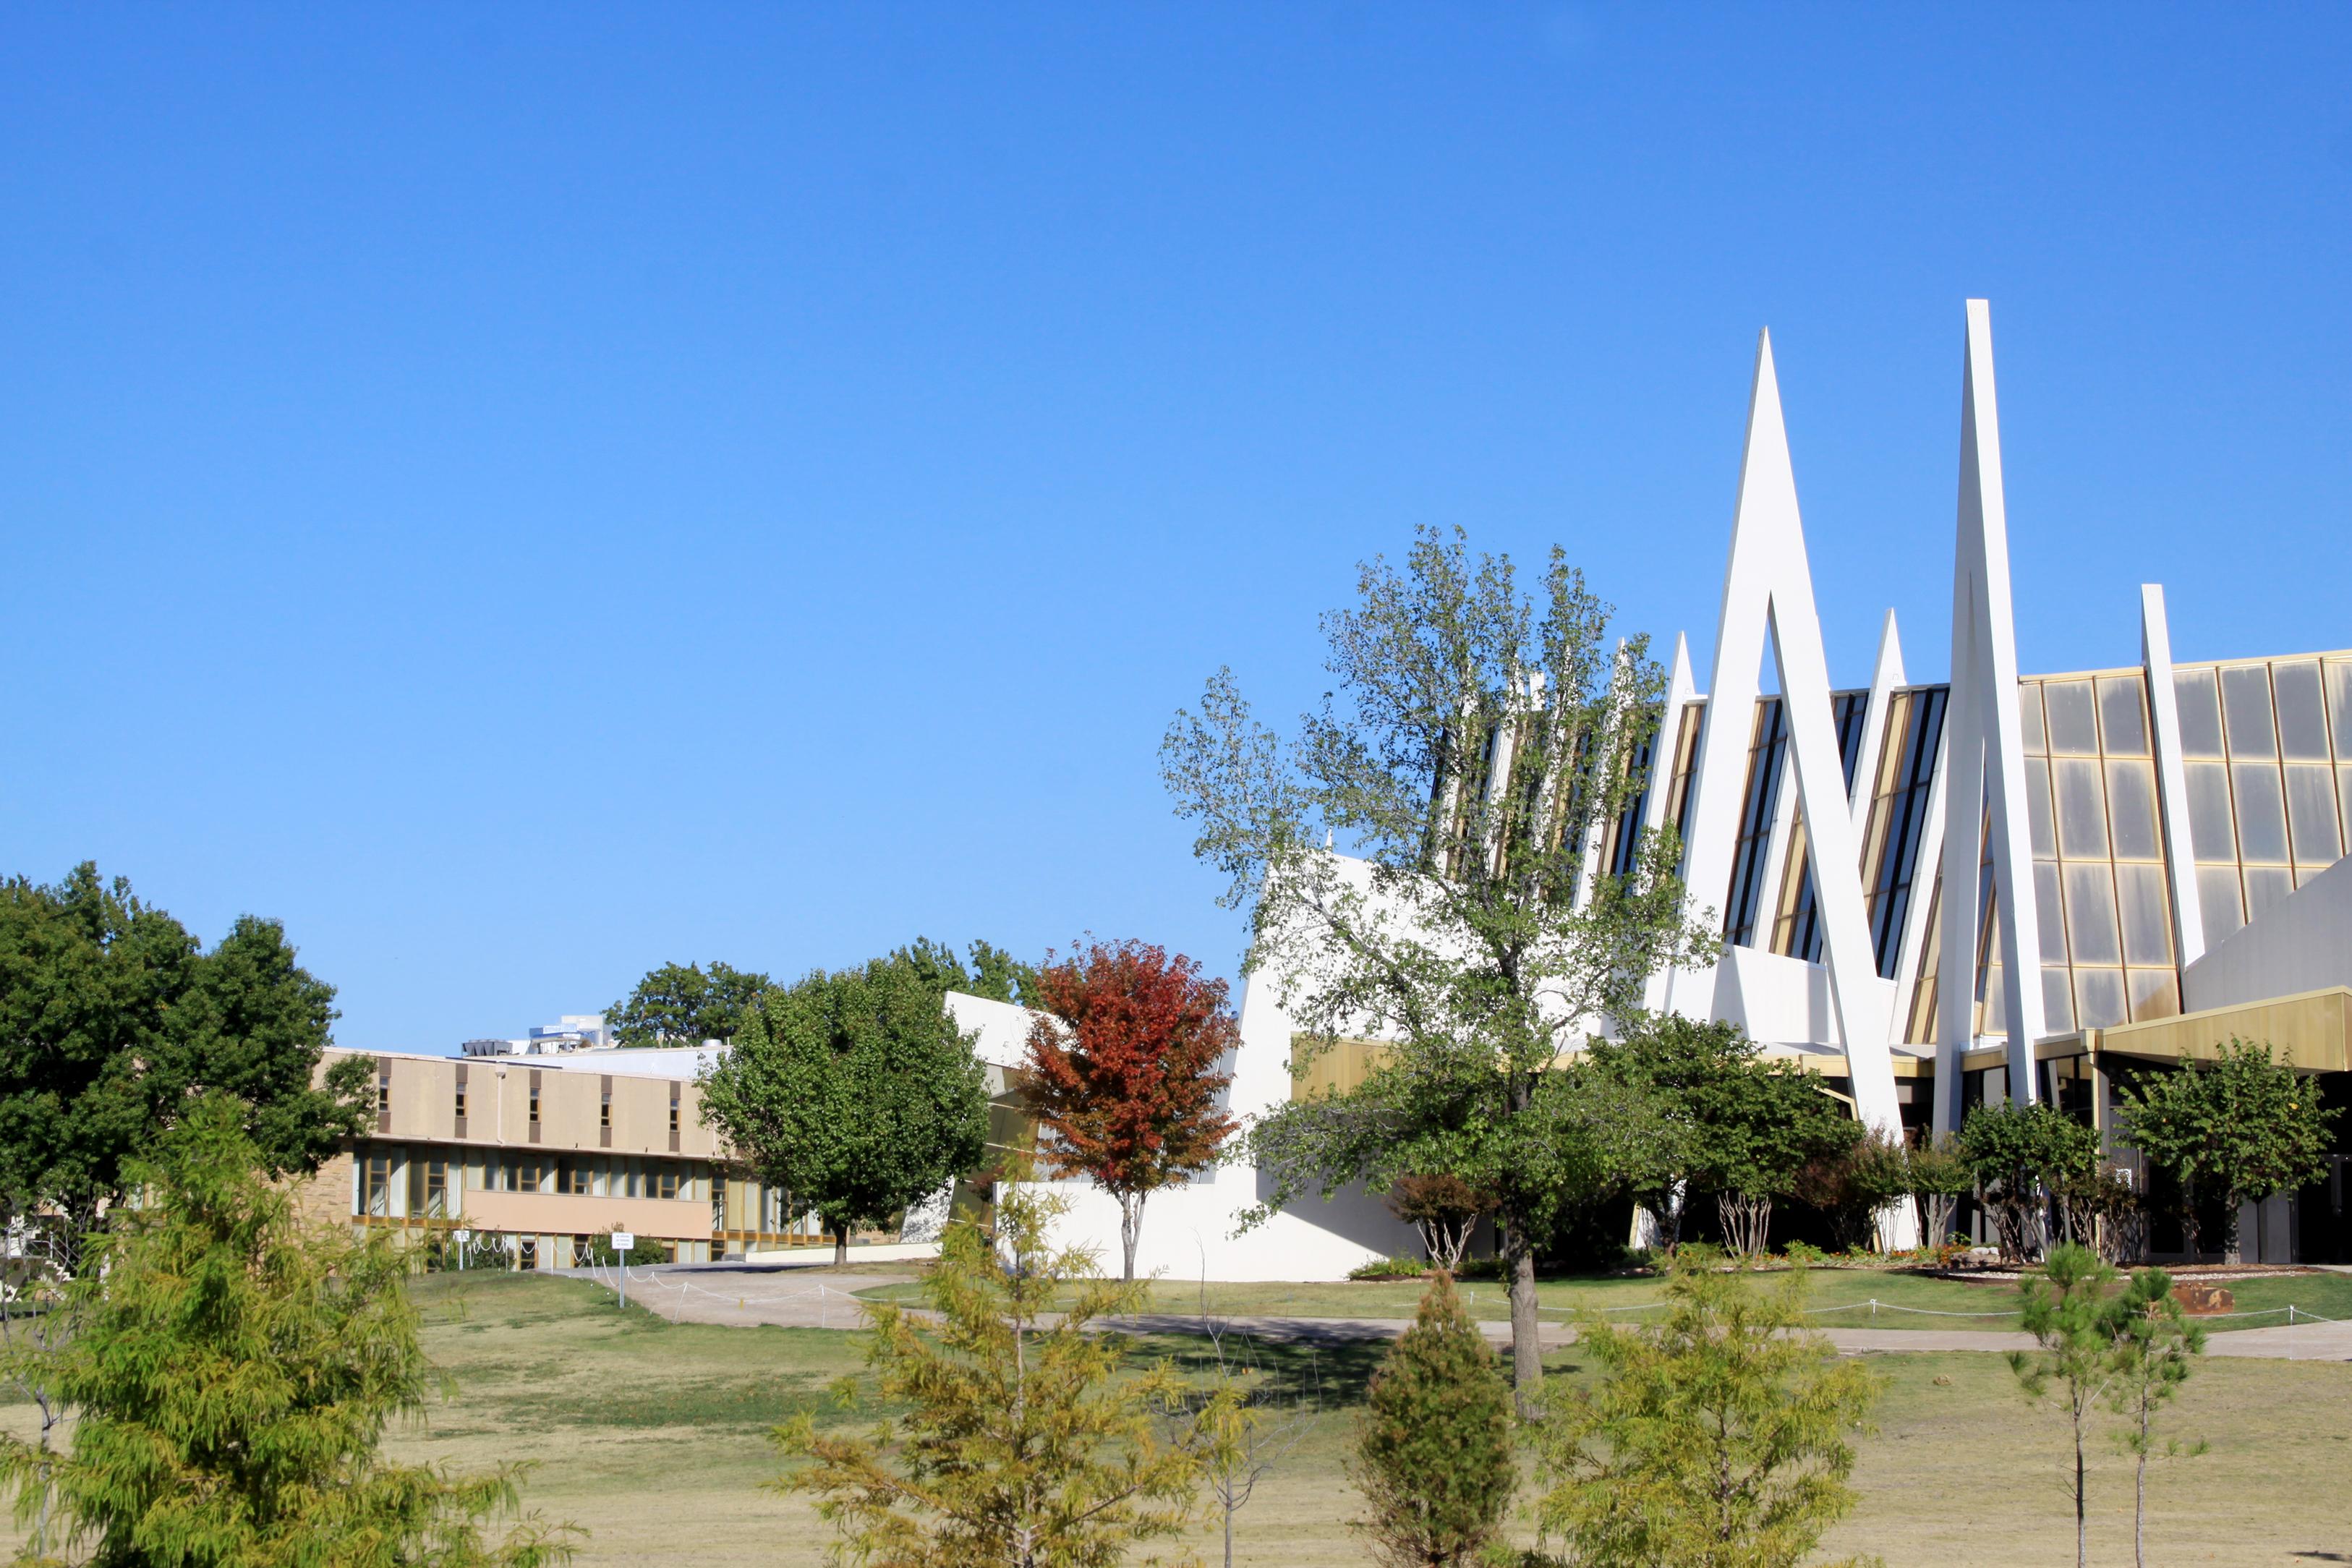 Oral Roberts University Wayfinding